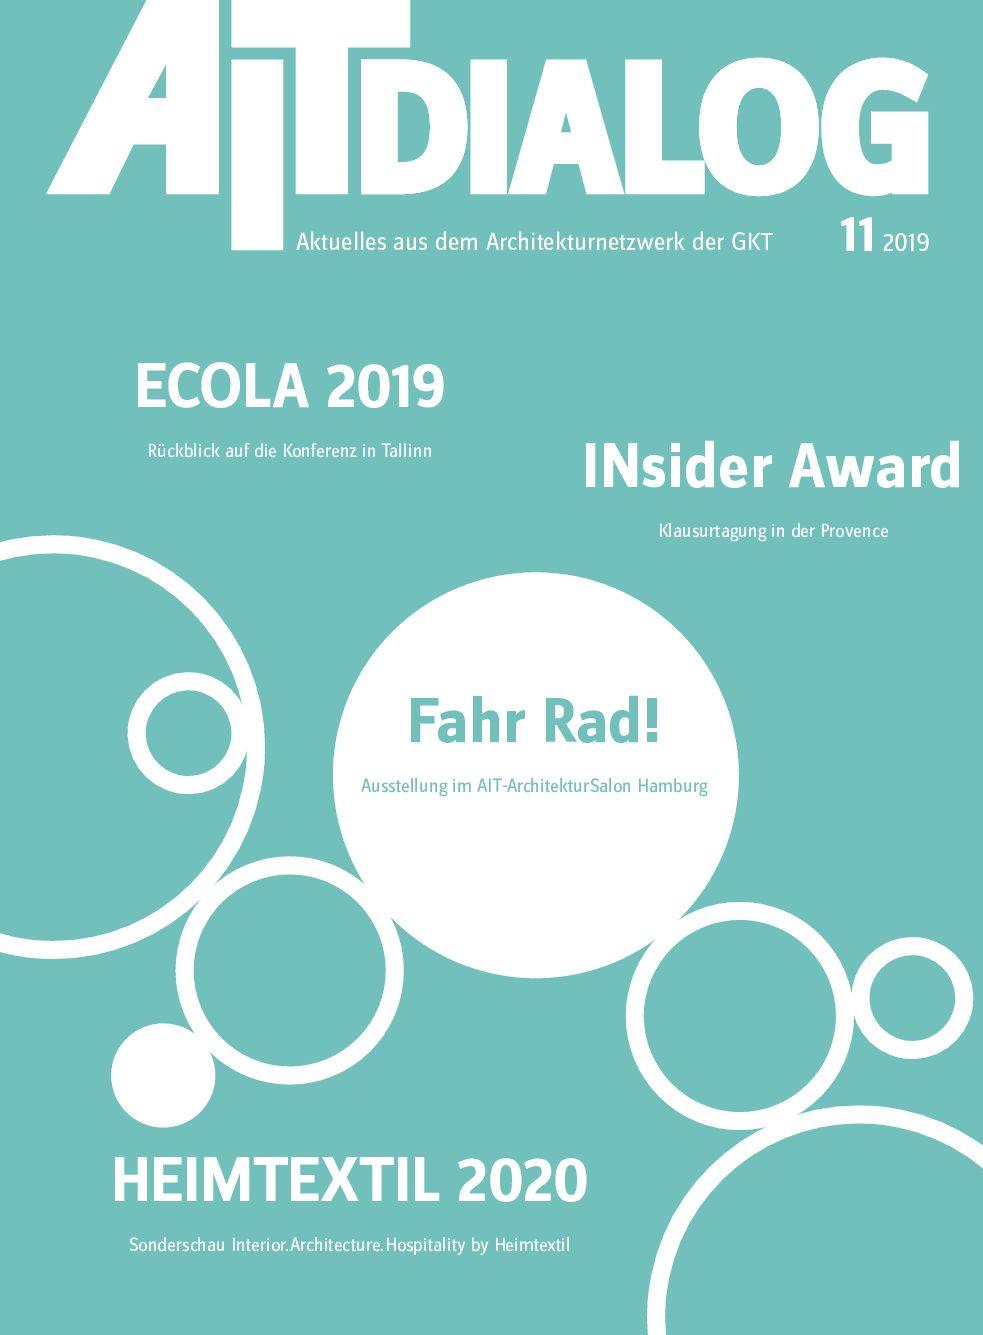 AIT-Dialog Magazin 11/2019